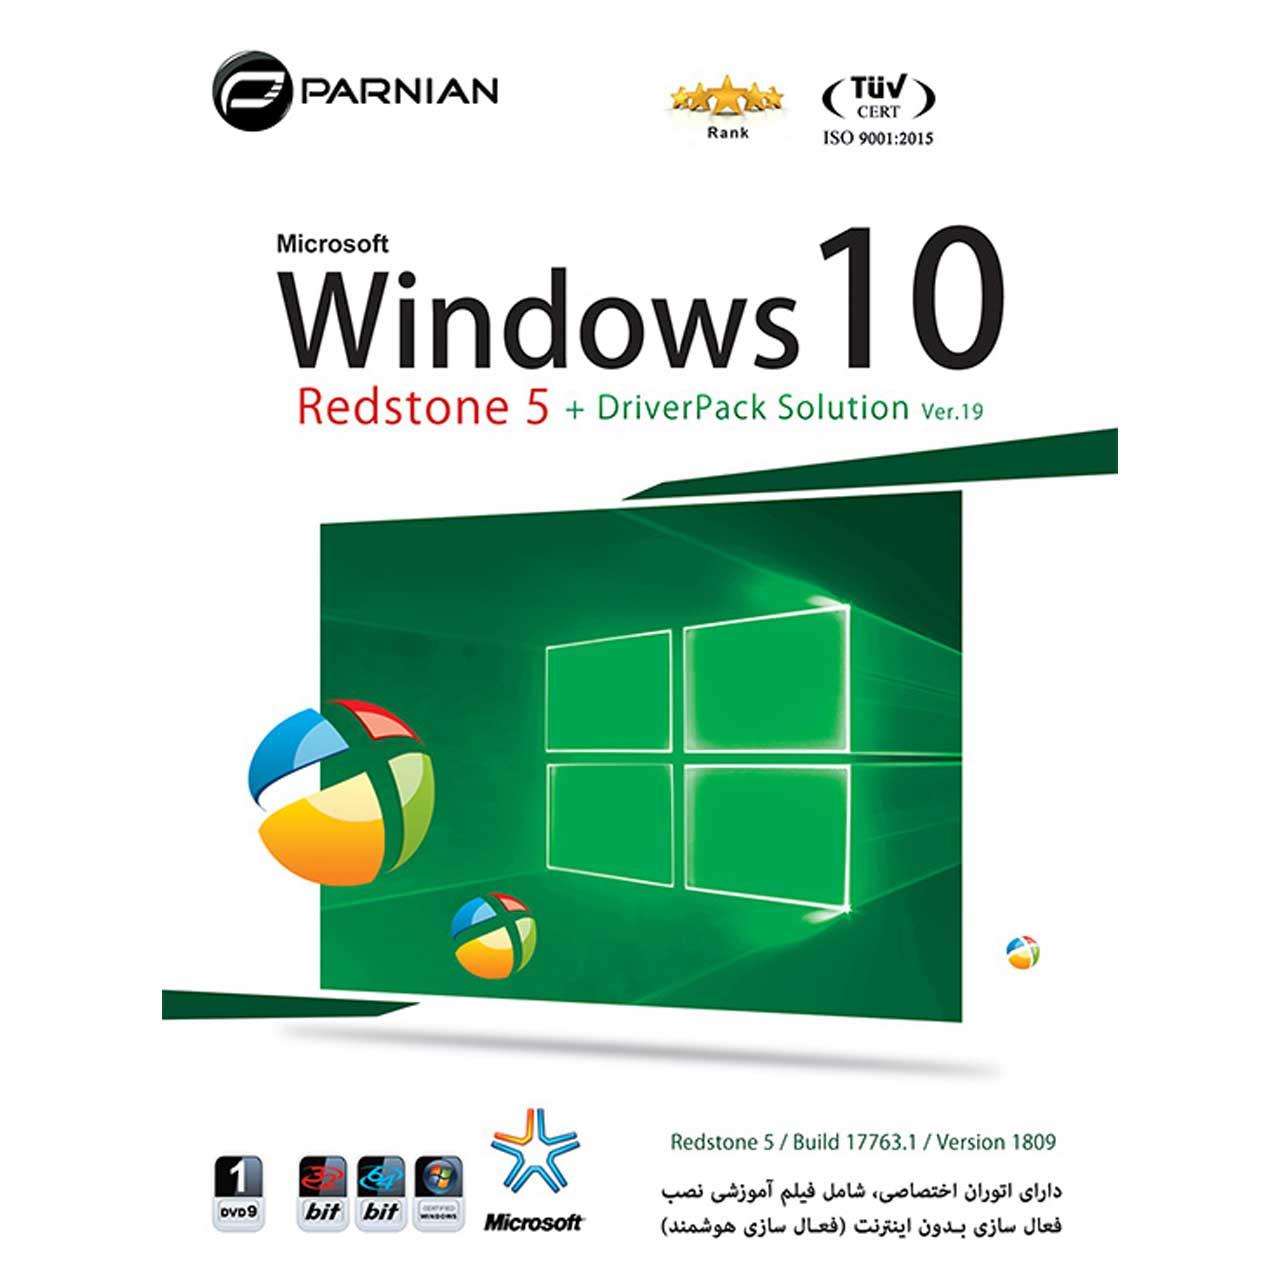 نرم افزار ویندوز 10 رد استون 5 به همراه  DriverPack Solution Ver.19 نشر پرنیان